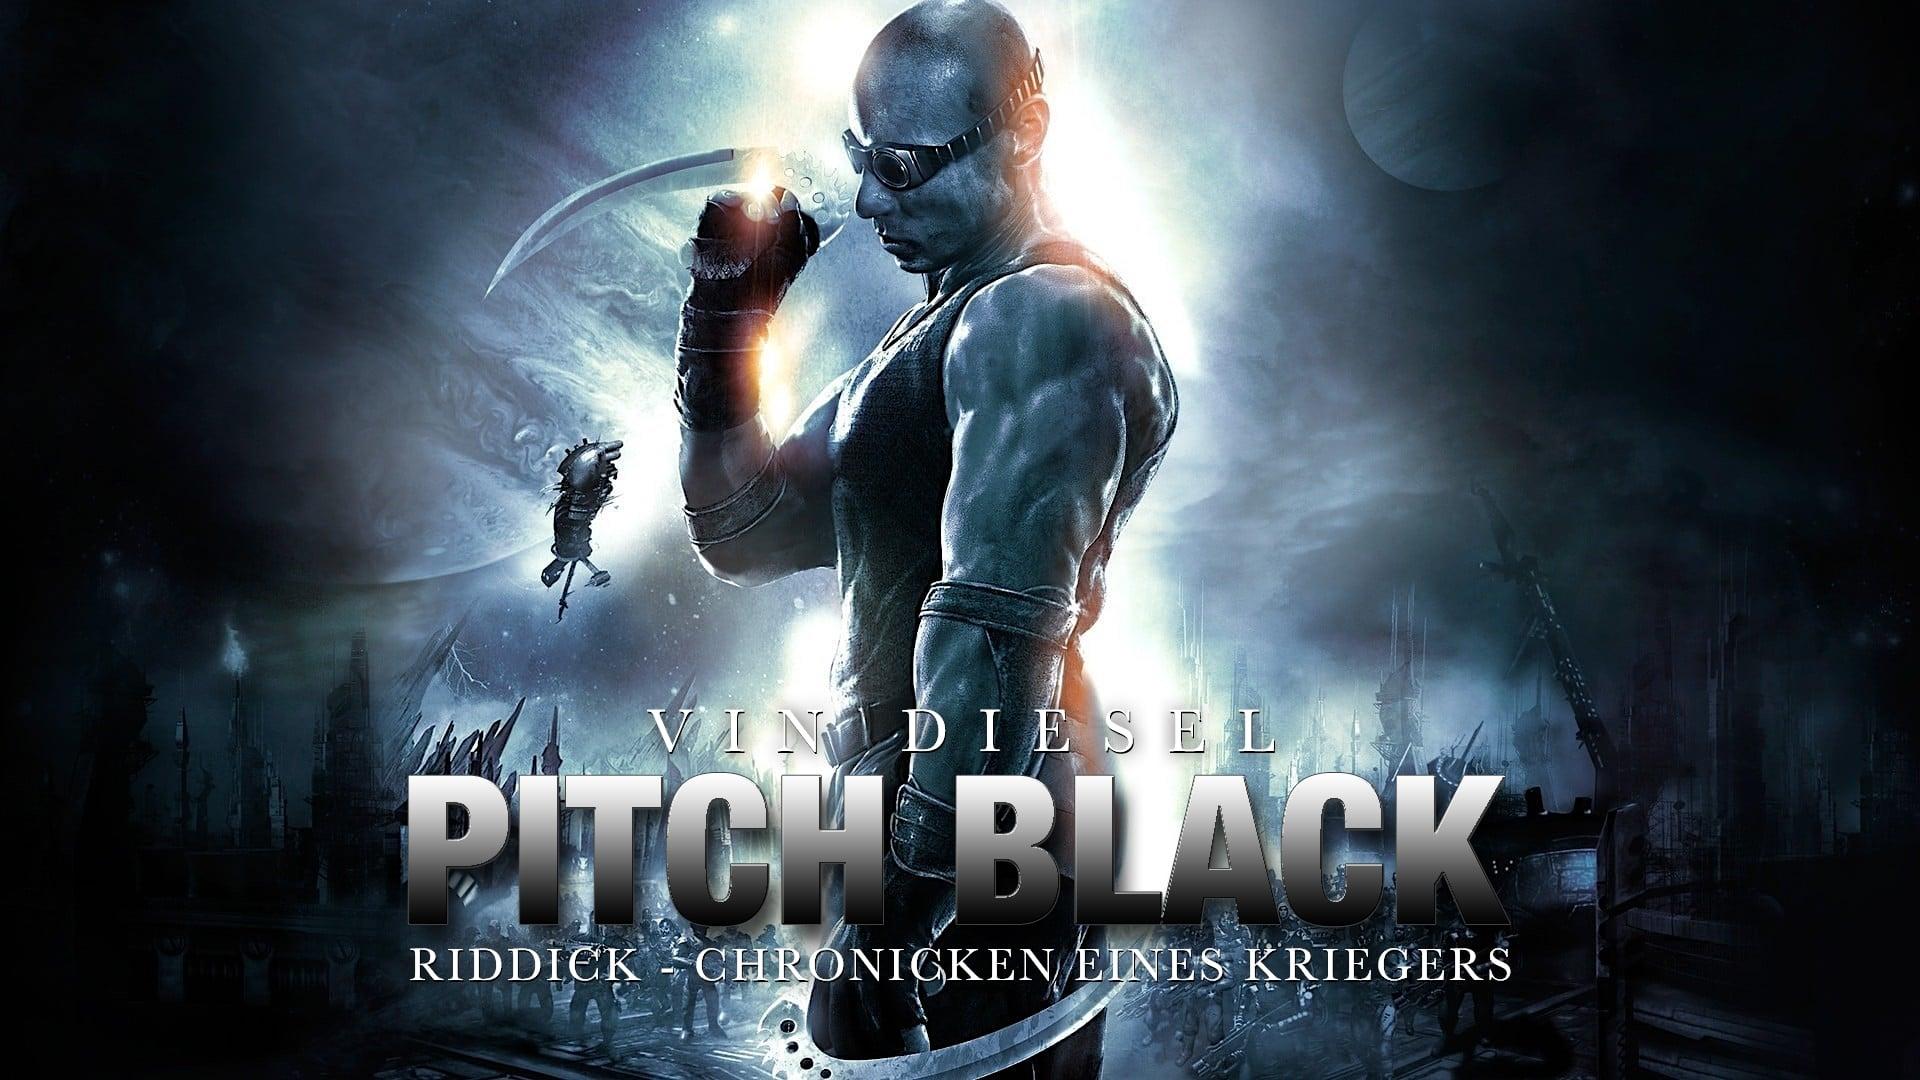 Riddick: Criaturas de la noche